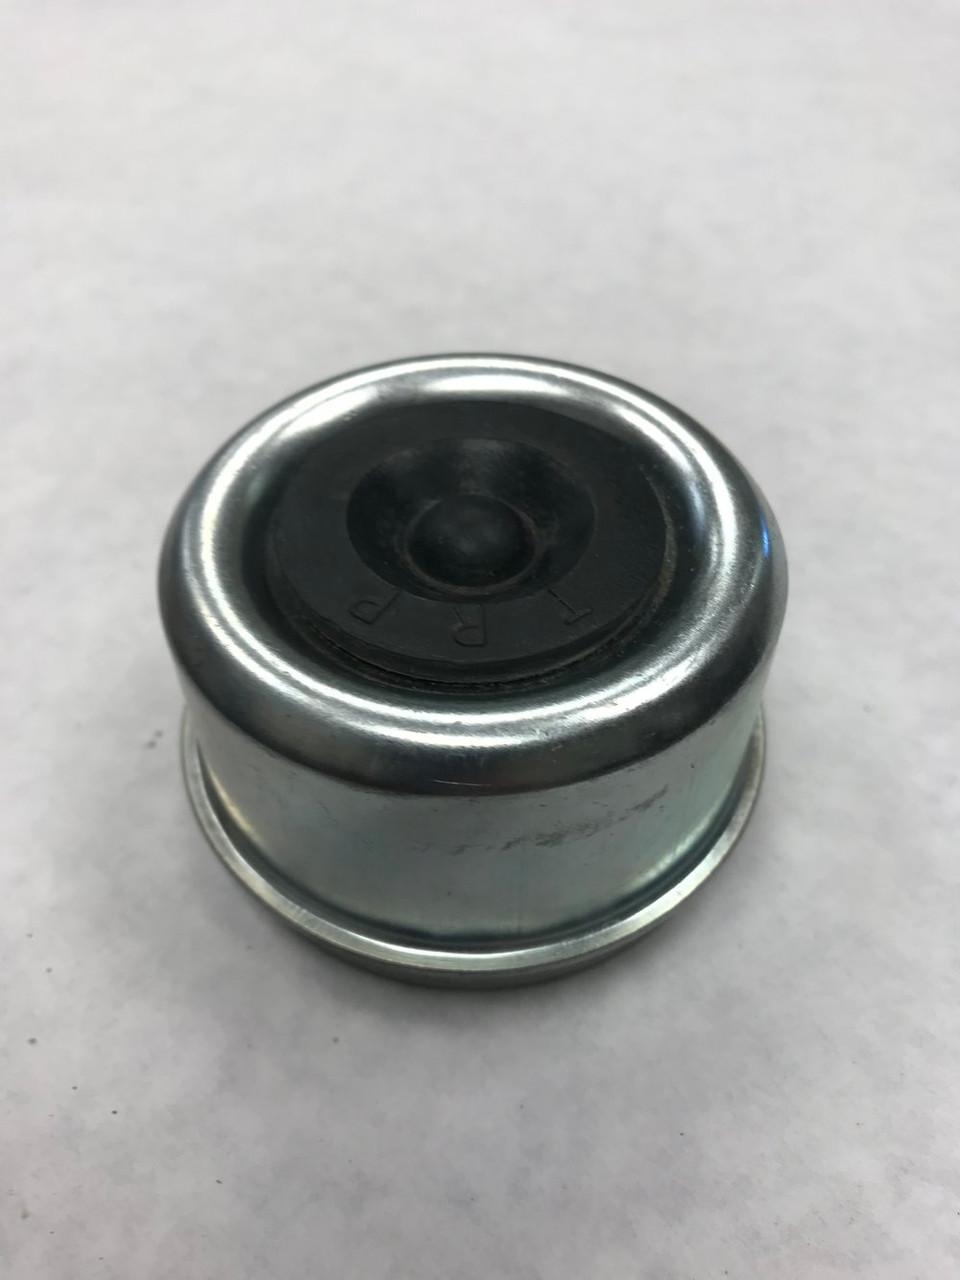 dexter-dxp-021-042-01a-dust-cap-2-12